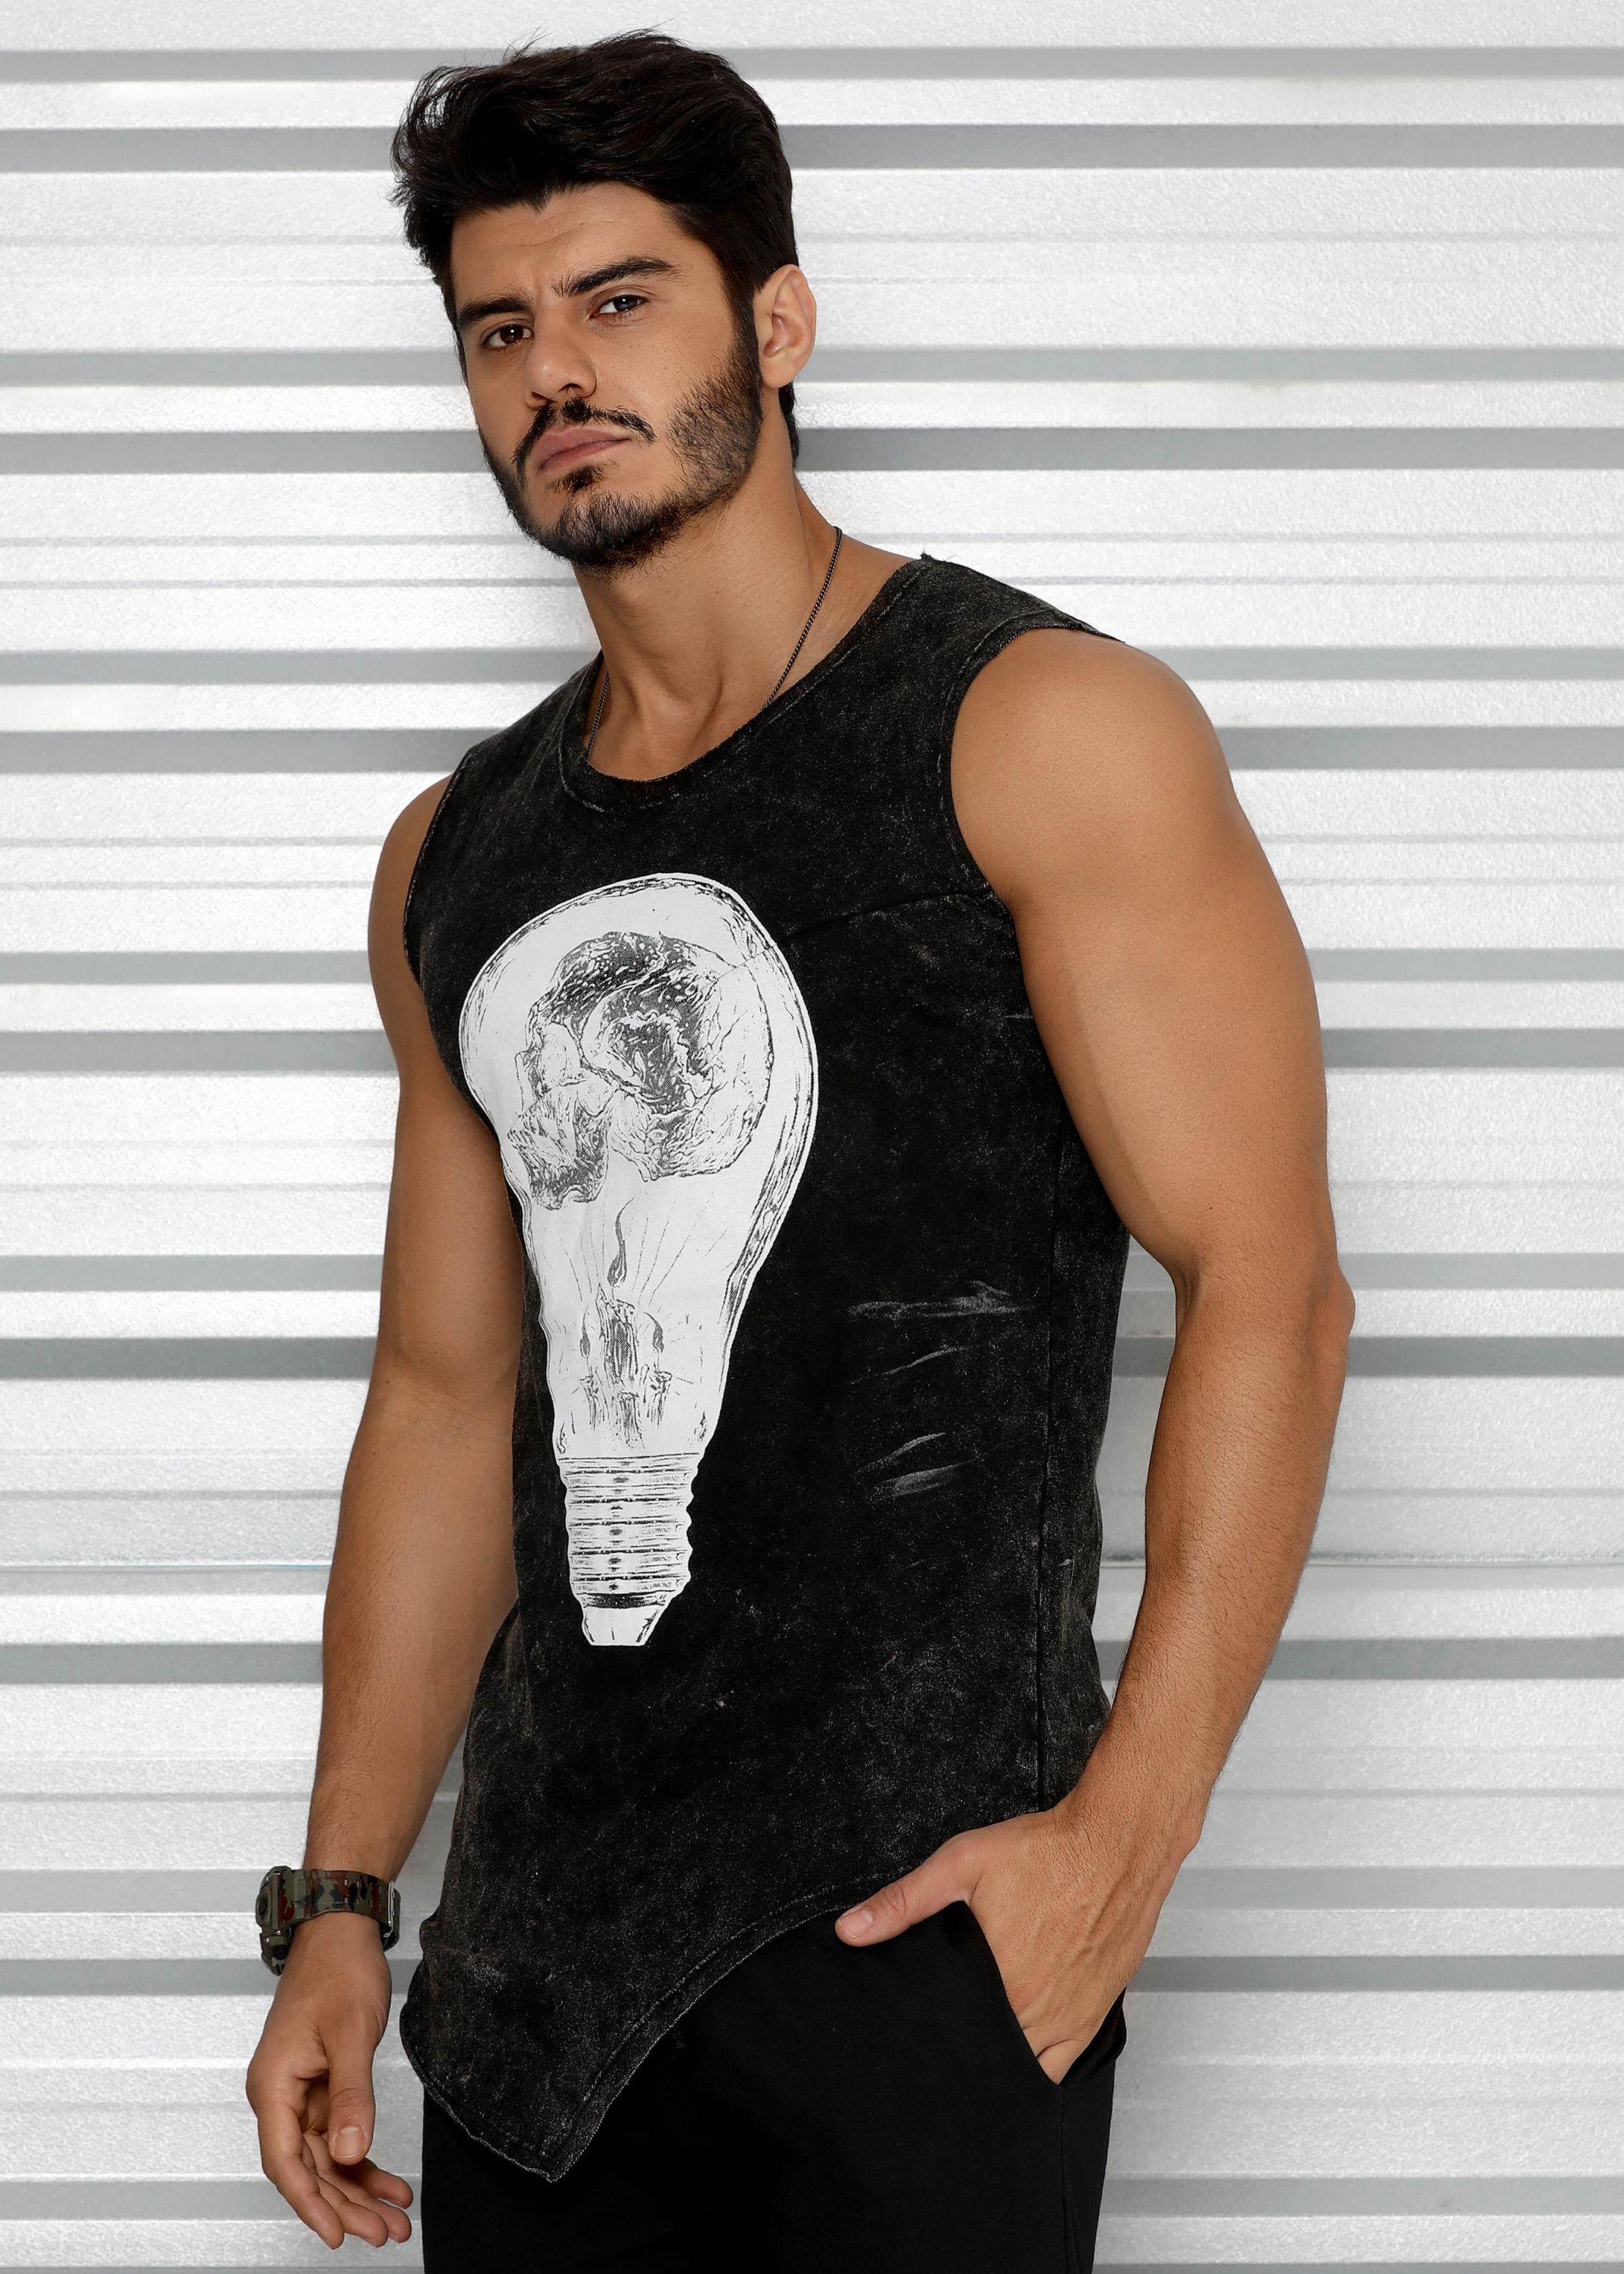 Regata Masculina Estonada com Recorte Lateral - Light Bulb - Donna Carioca  - Moda fitness com preço de fábrica 49ecf550a4f